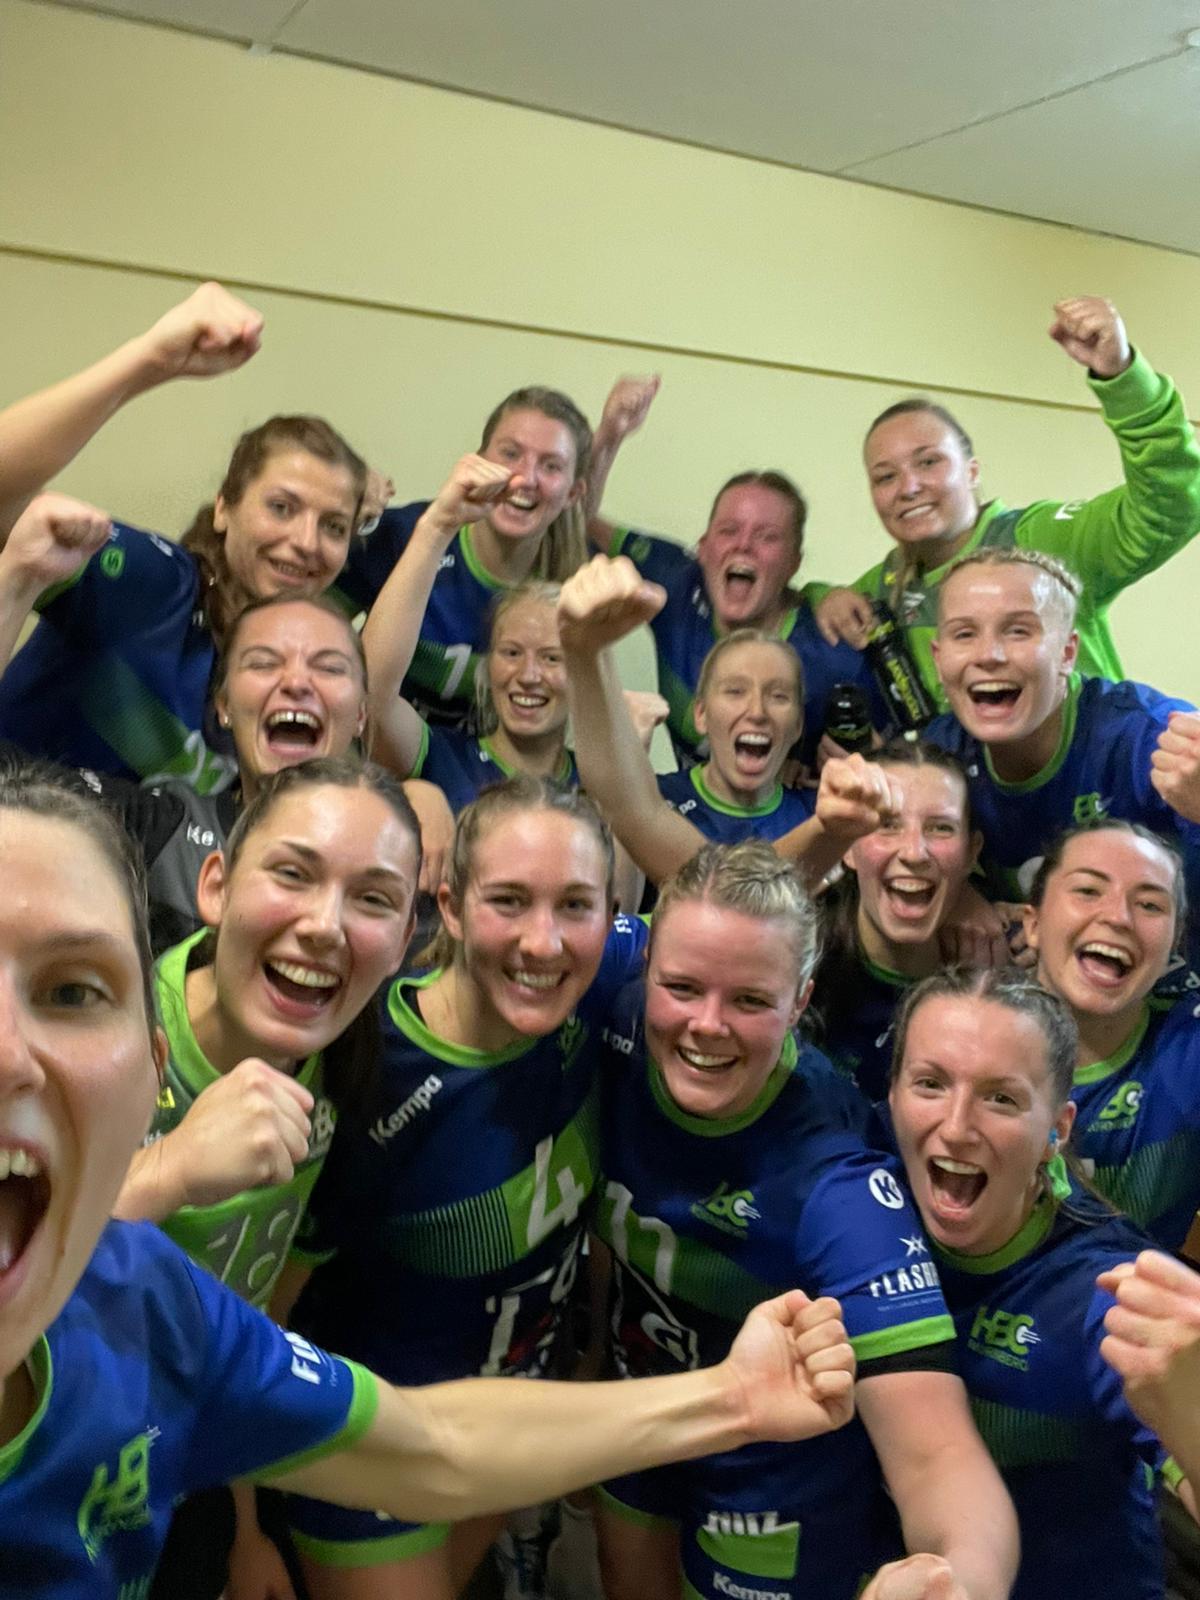 Erster Bayernliga Heimsieg für die HBC-Damen